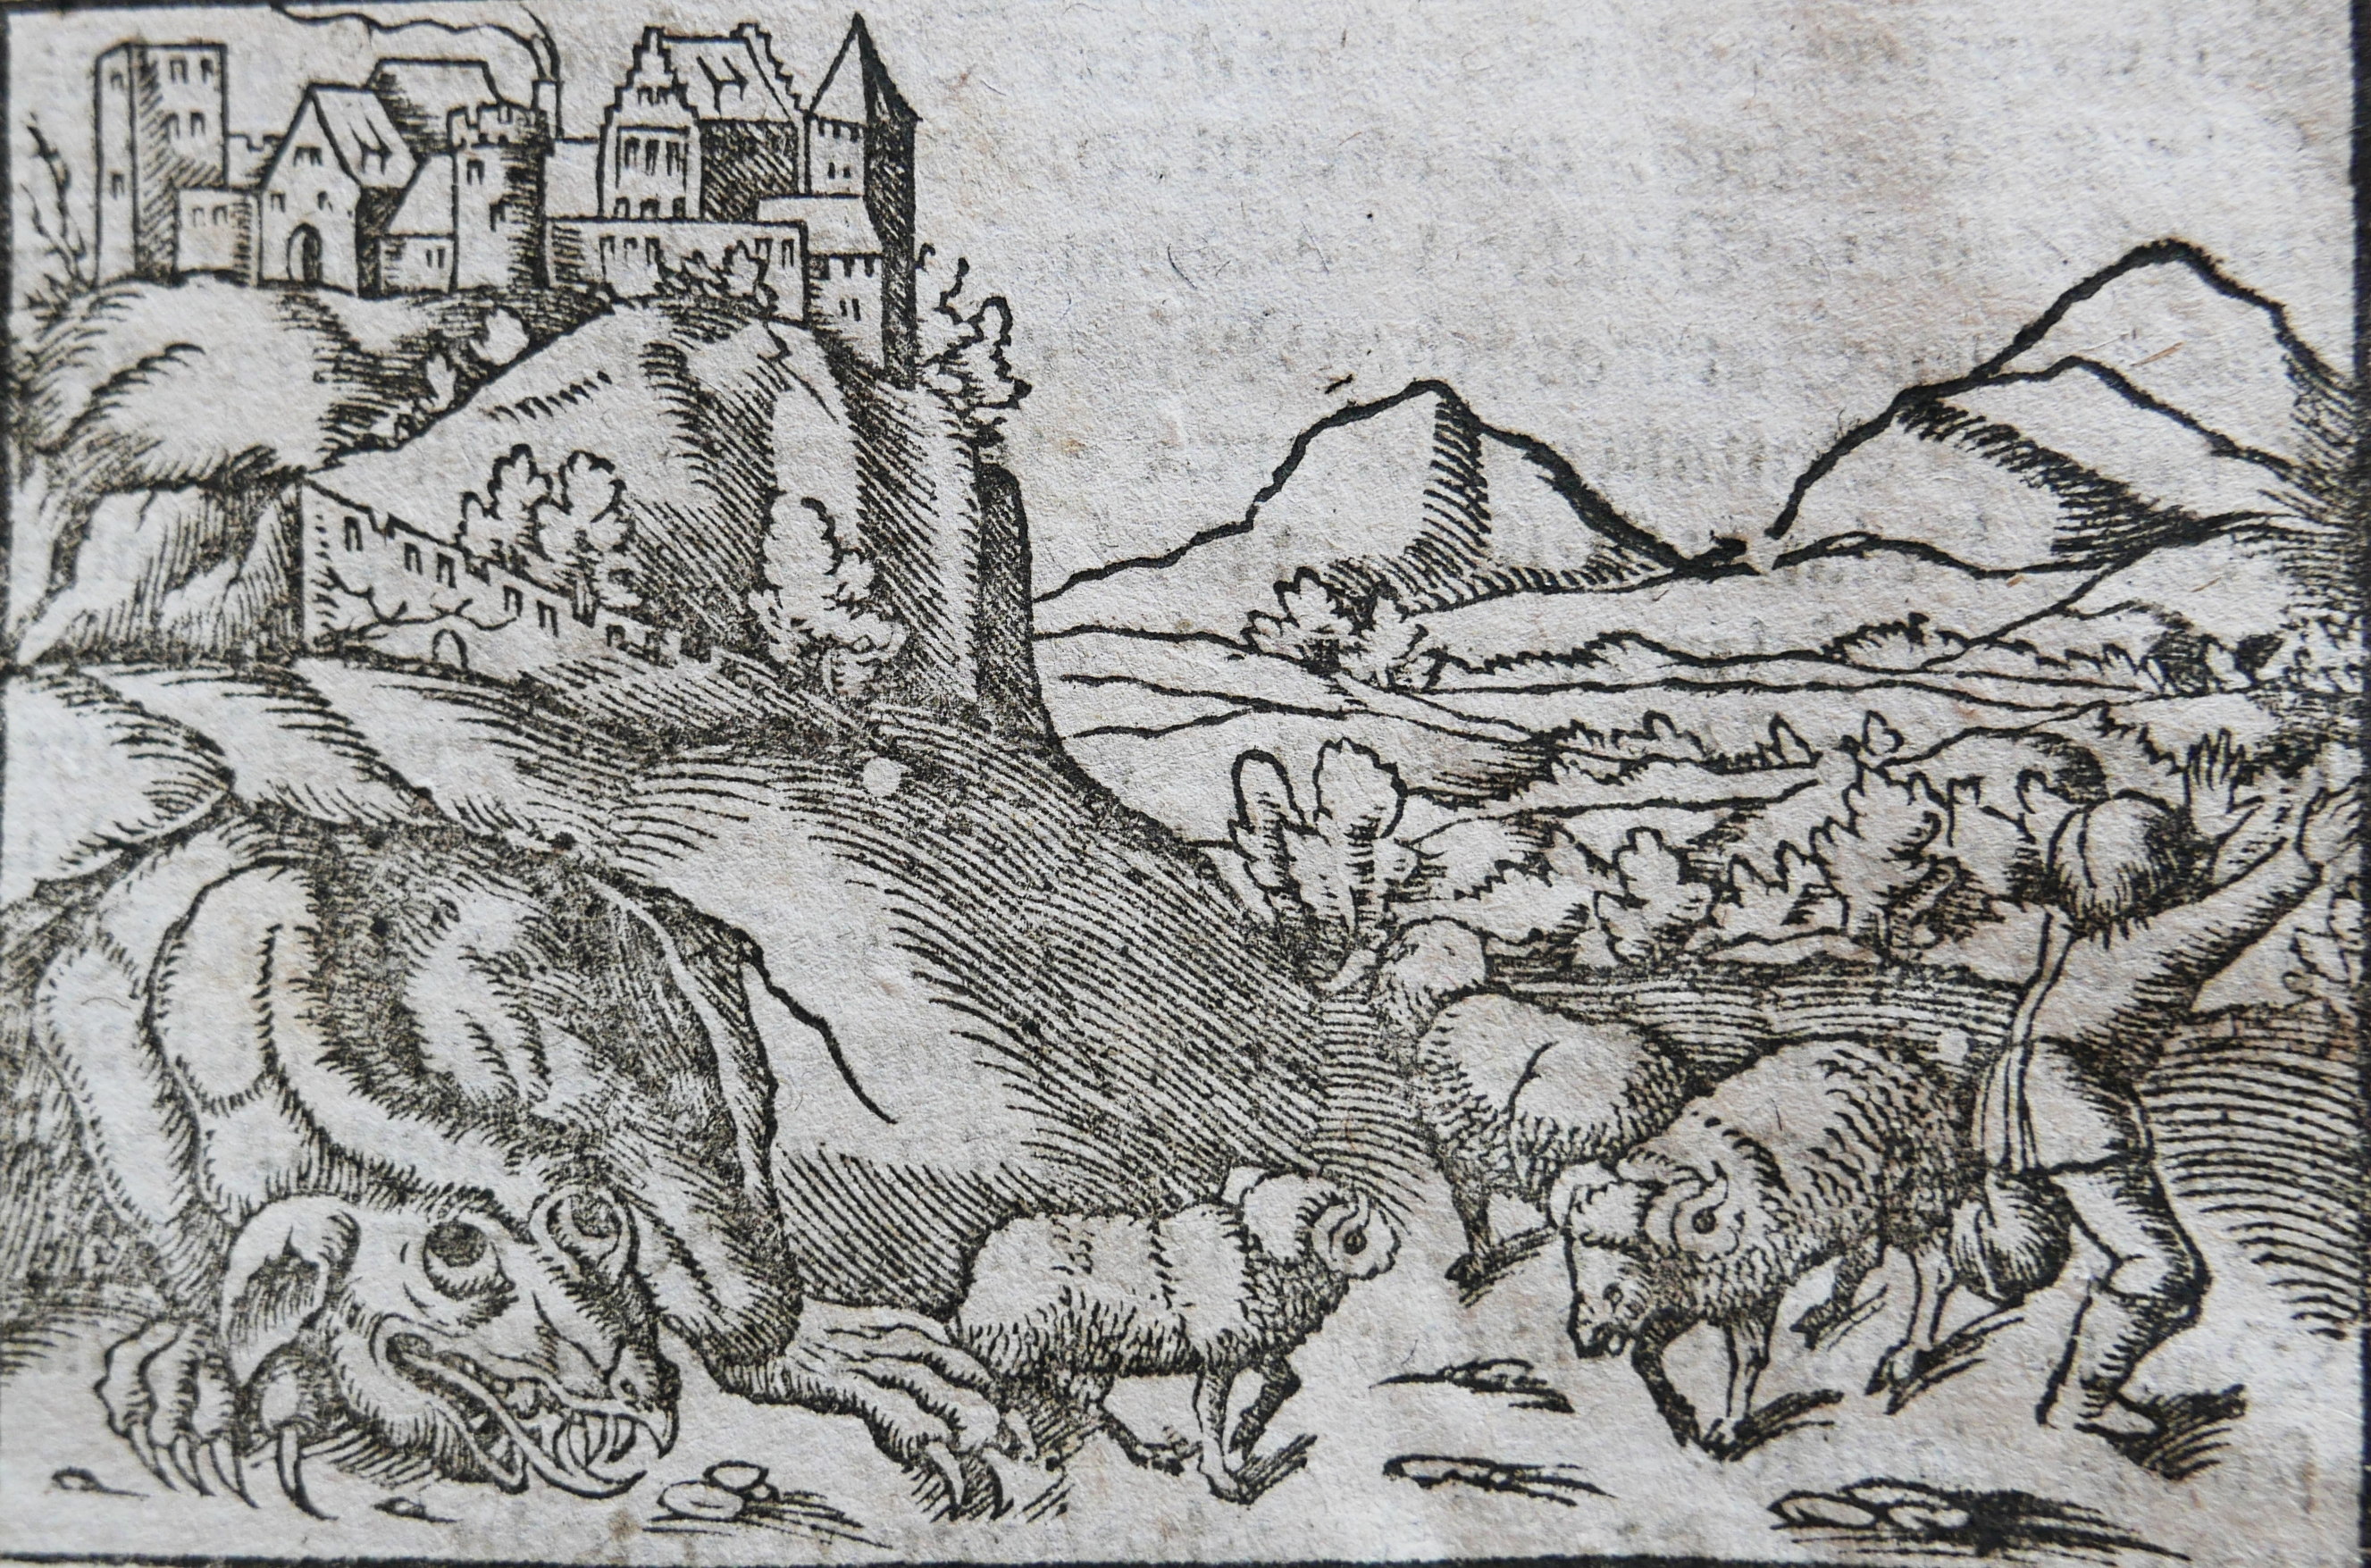 Dragon de Cracovie dans un oeuvre de Munster en 1544.